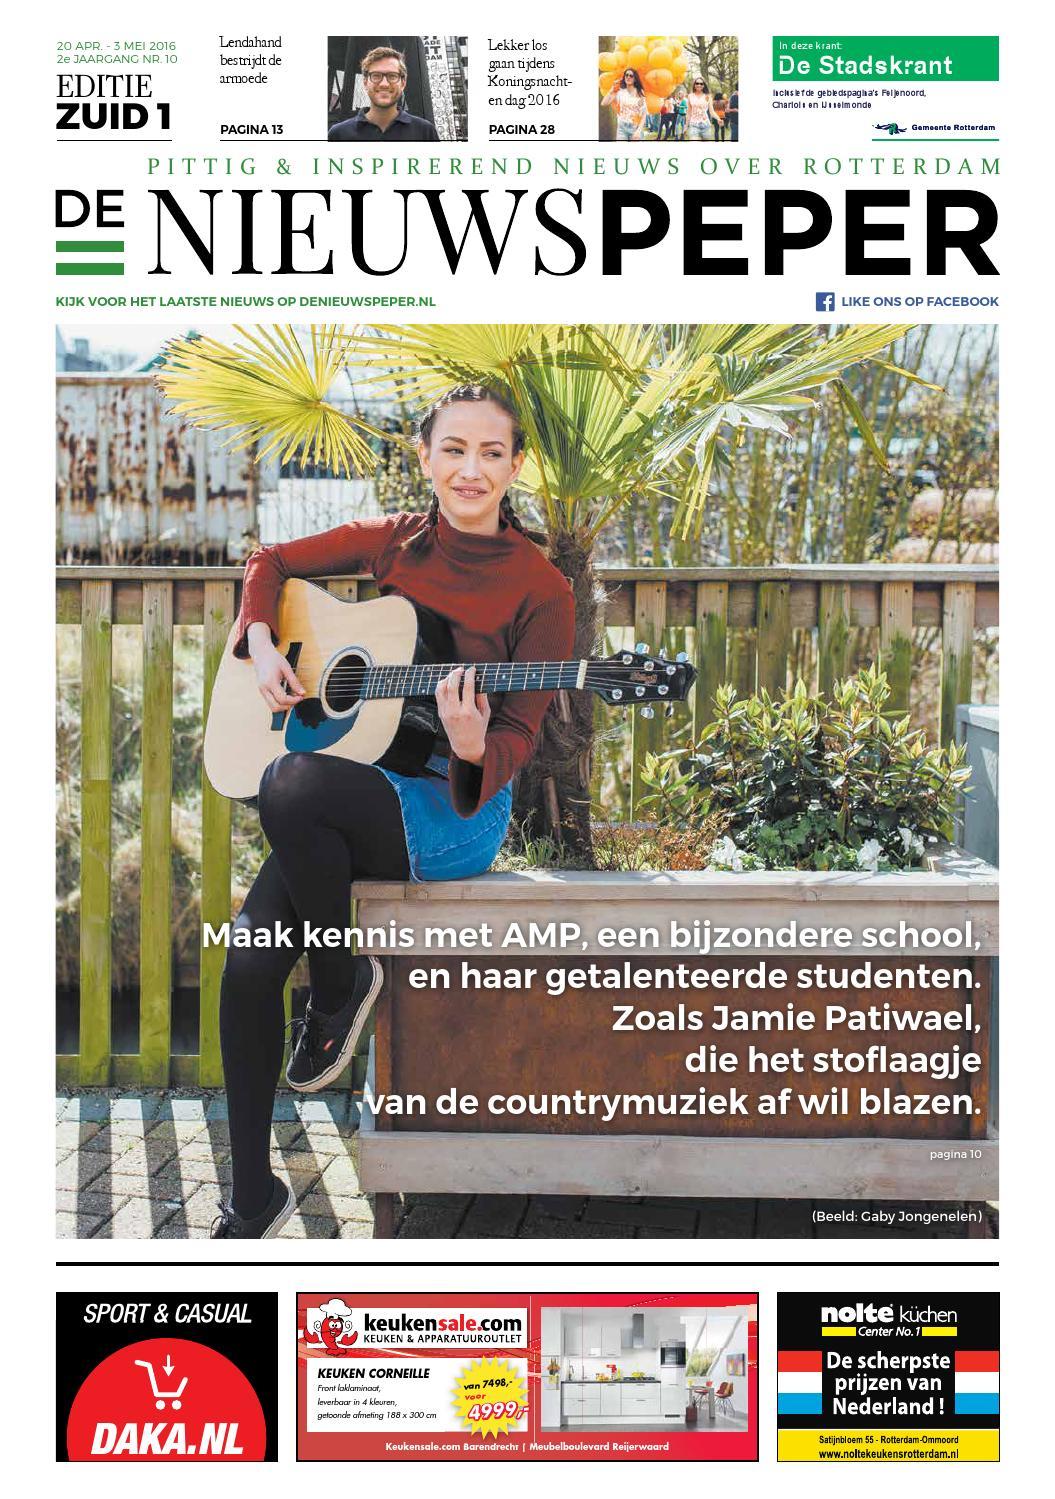 Ons weekblad 12 12 2014 by uitgeverij em de jong   issuu